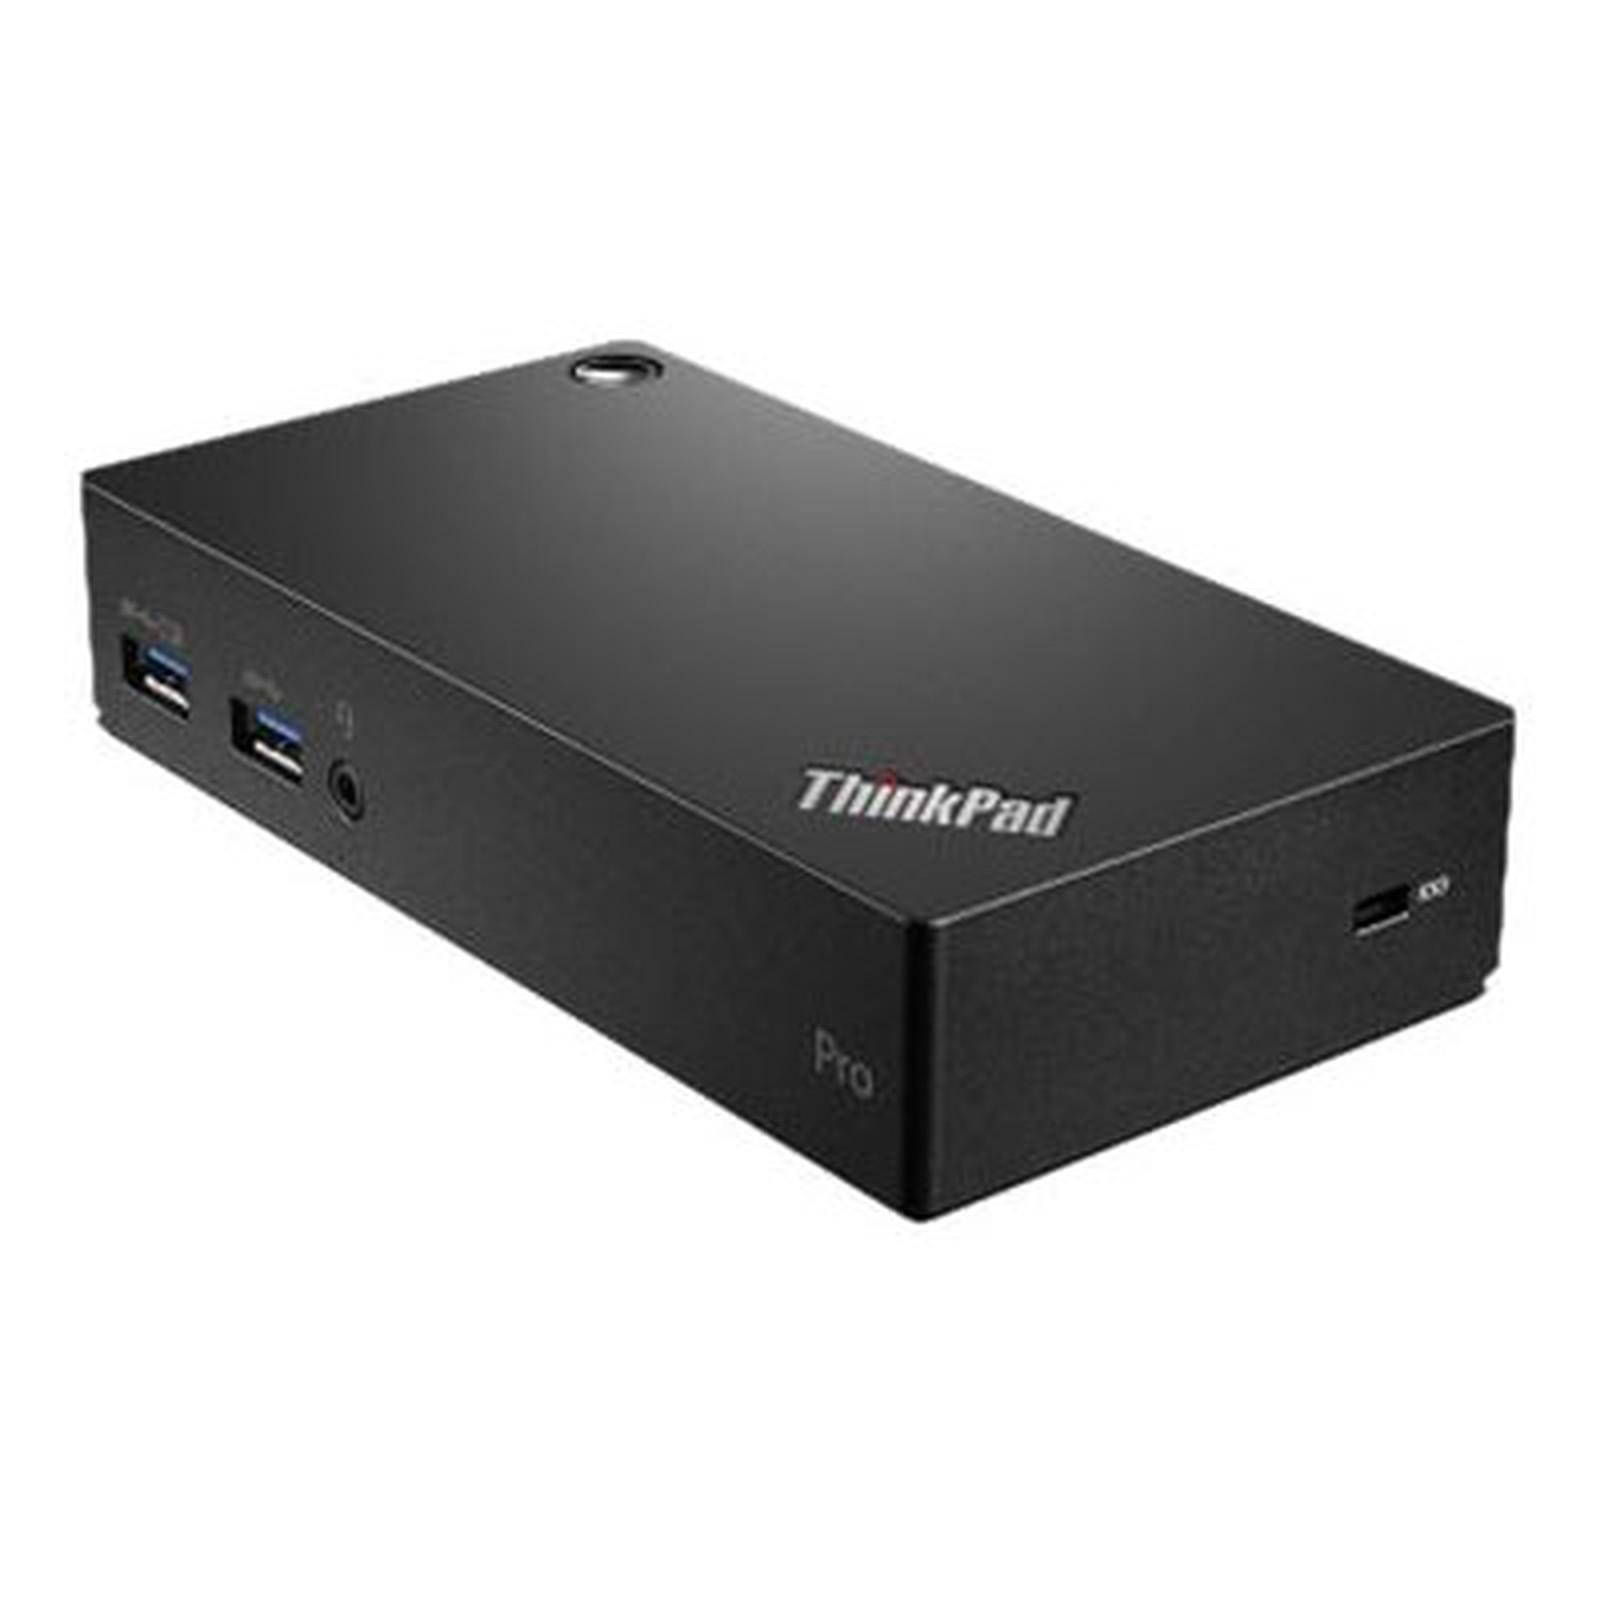 Lenovo ThinkPad Pro USB 3.0